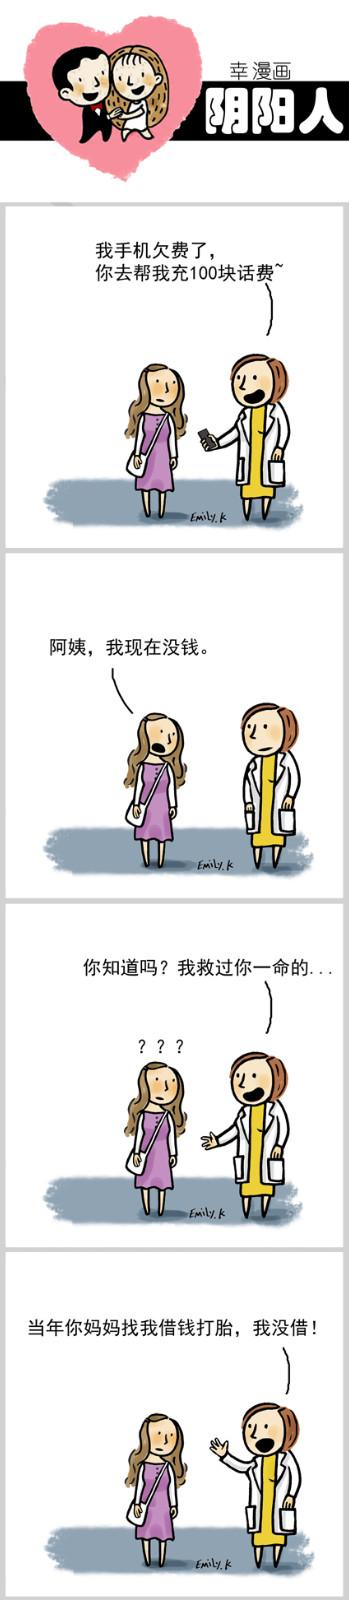 【邝幸漫畫】《阴阳人》借钱.打胎.充话费_图1-1